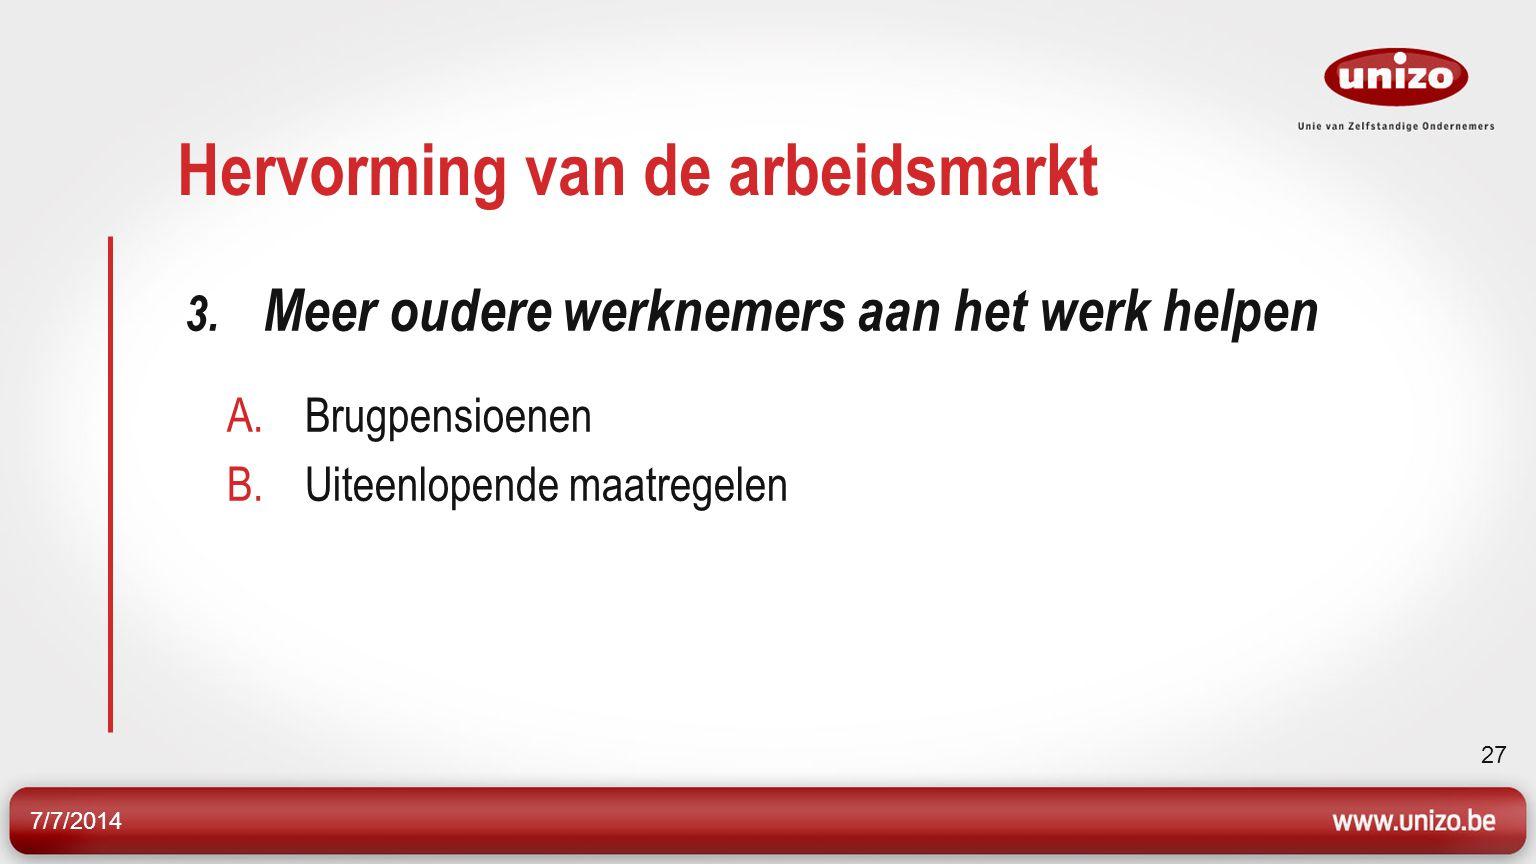 7/7/2014 27 Hervorming van de arbeidsmarkt 3.